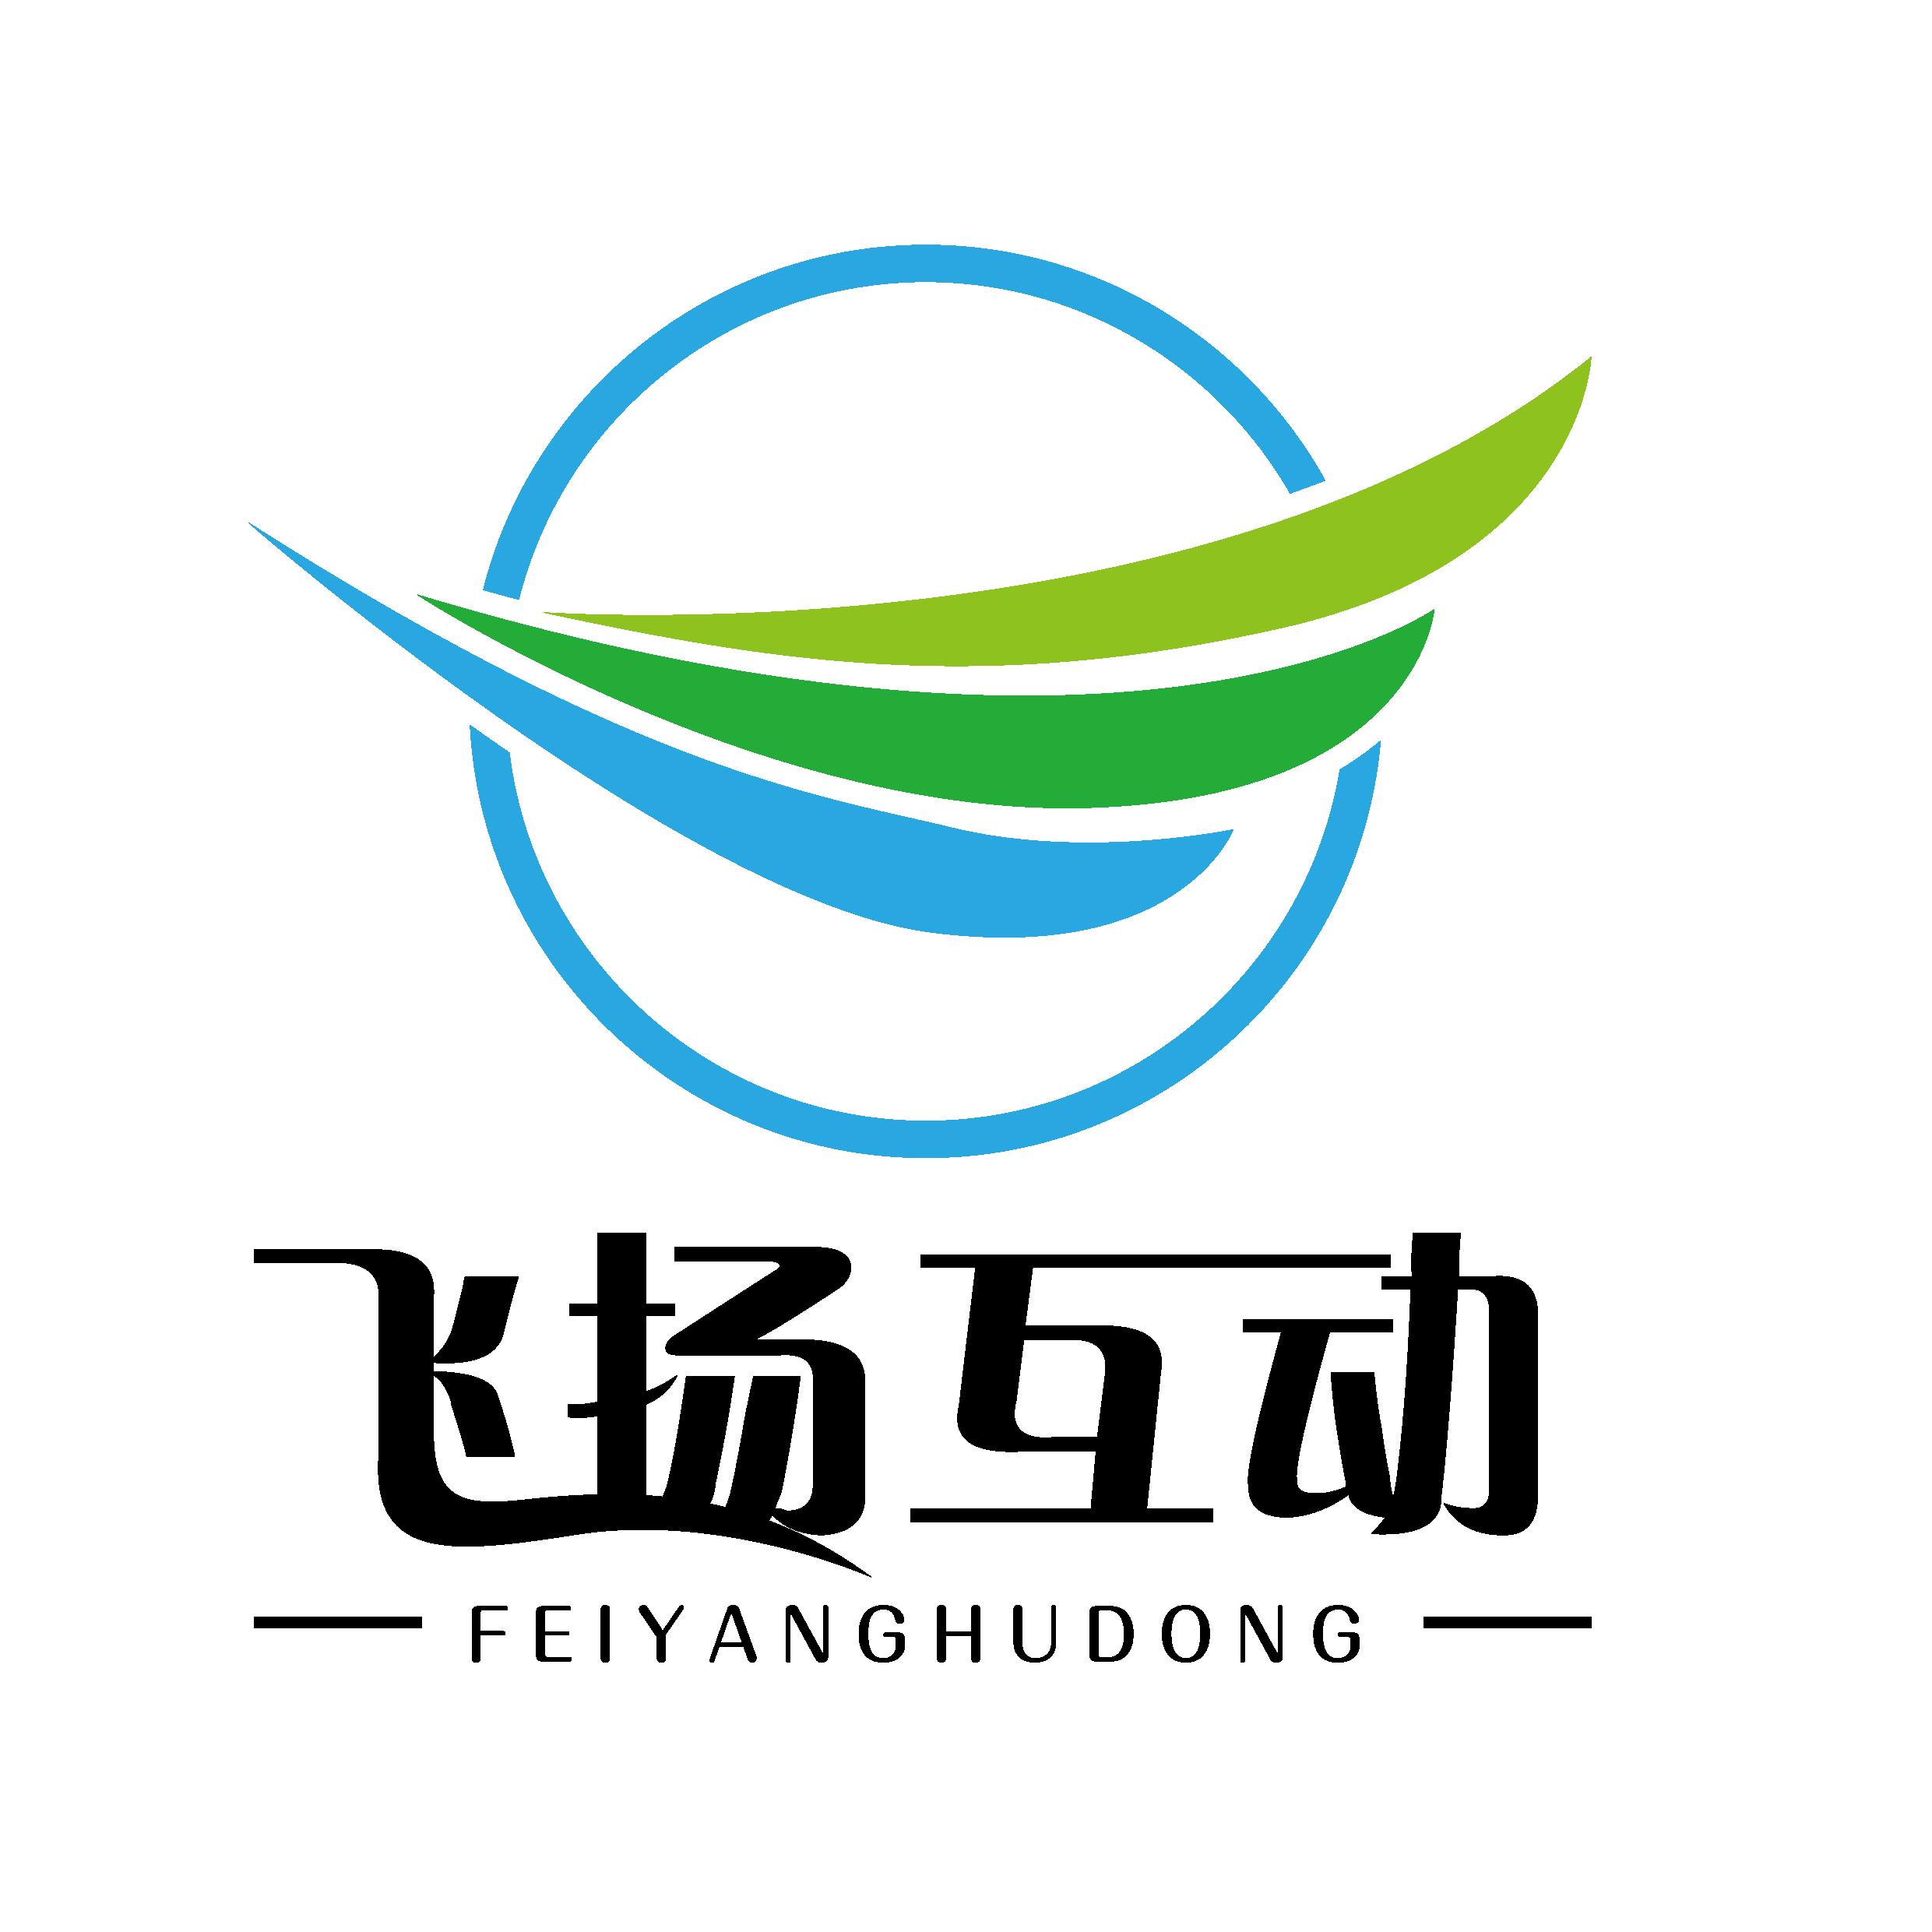 河南飞扬互动信息科技有限公司